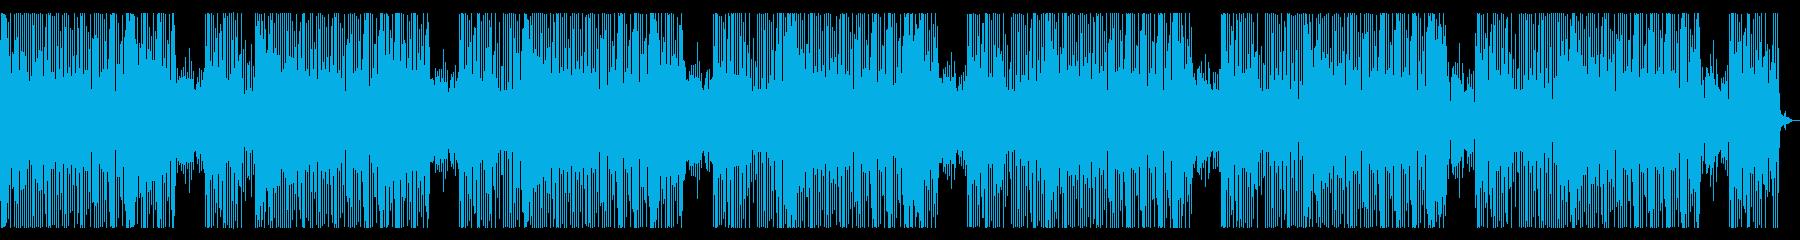 韓ドラOST風♡ラブコメなカフェジャズの再生済みの波形